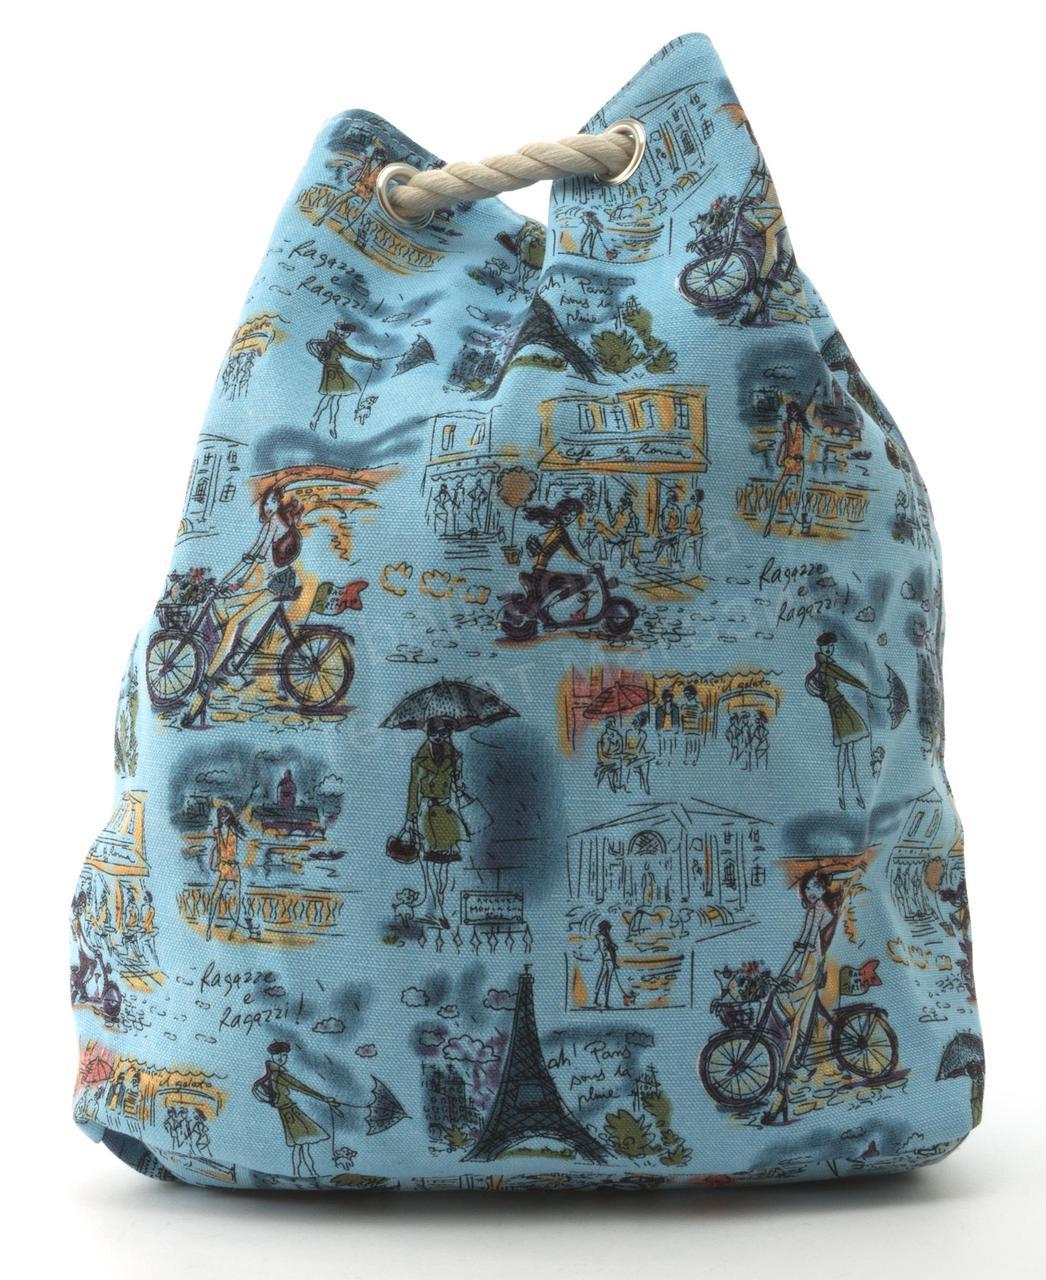 62b86ebb3081 Прочная вместительная женская пляжная сумка рюкзак art. 1507 (101744)  голубая - Ремешок и